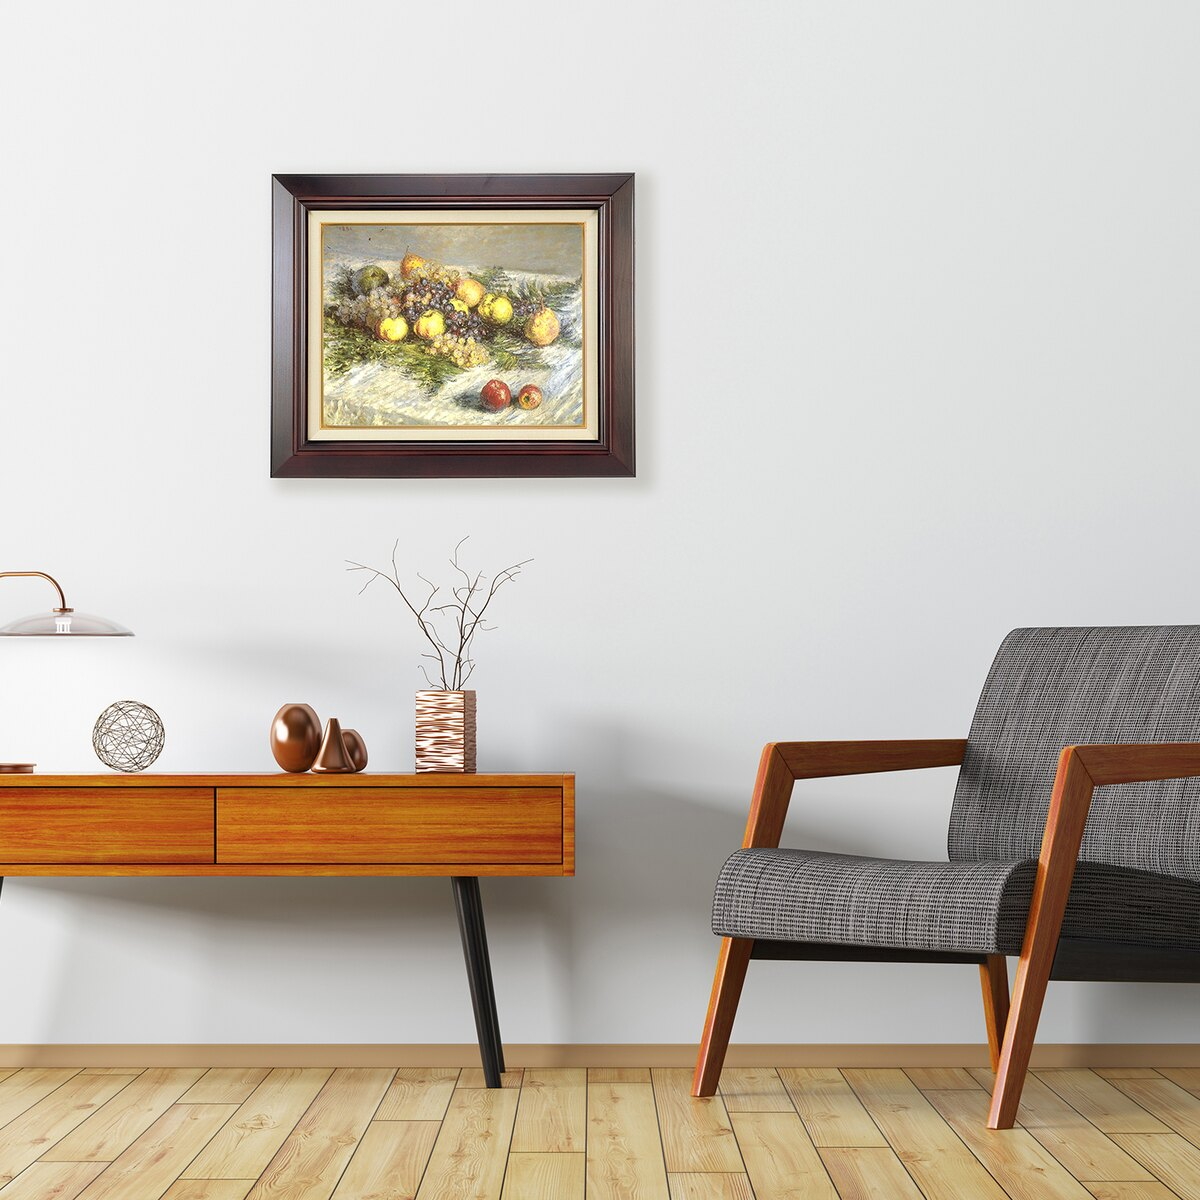 ラーソン・ジュール 油絵用額縁 A140 P10 セピア